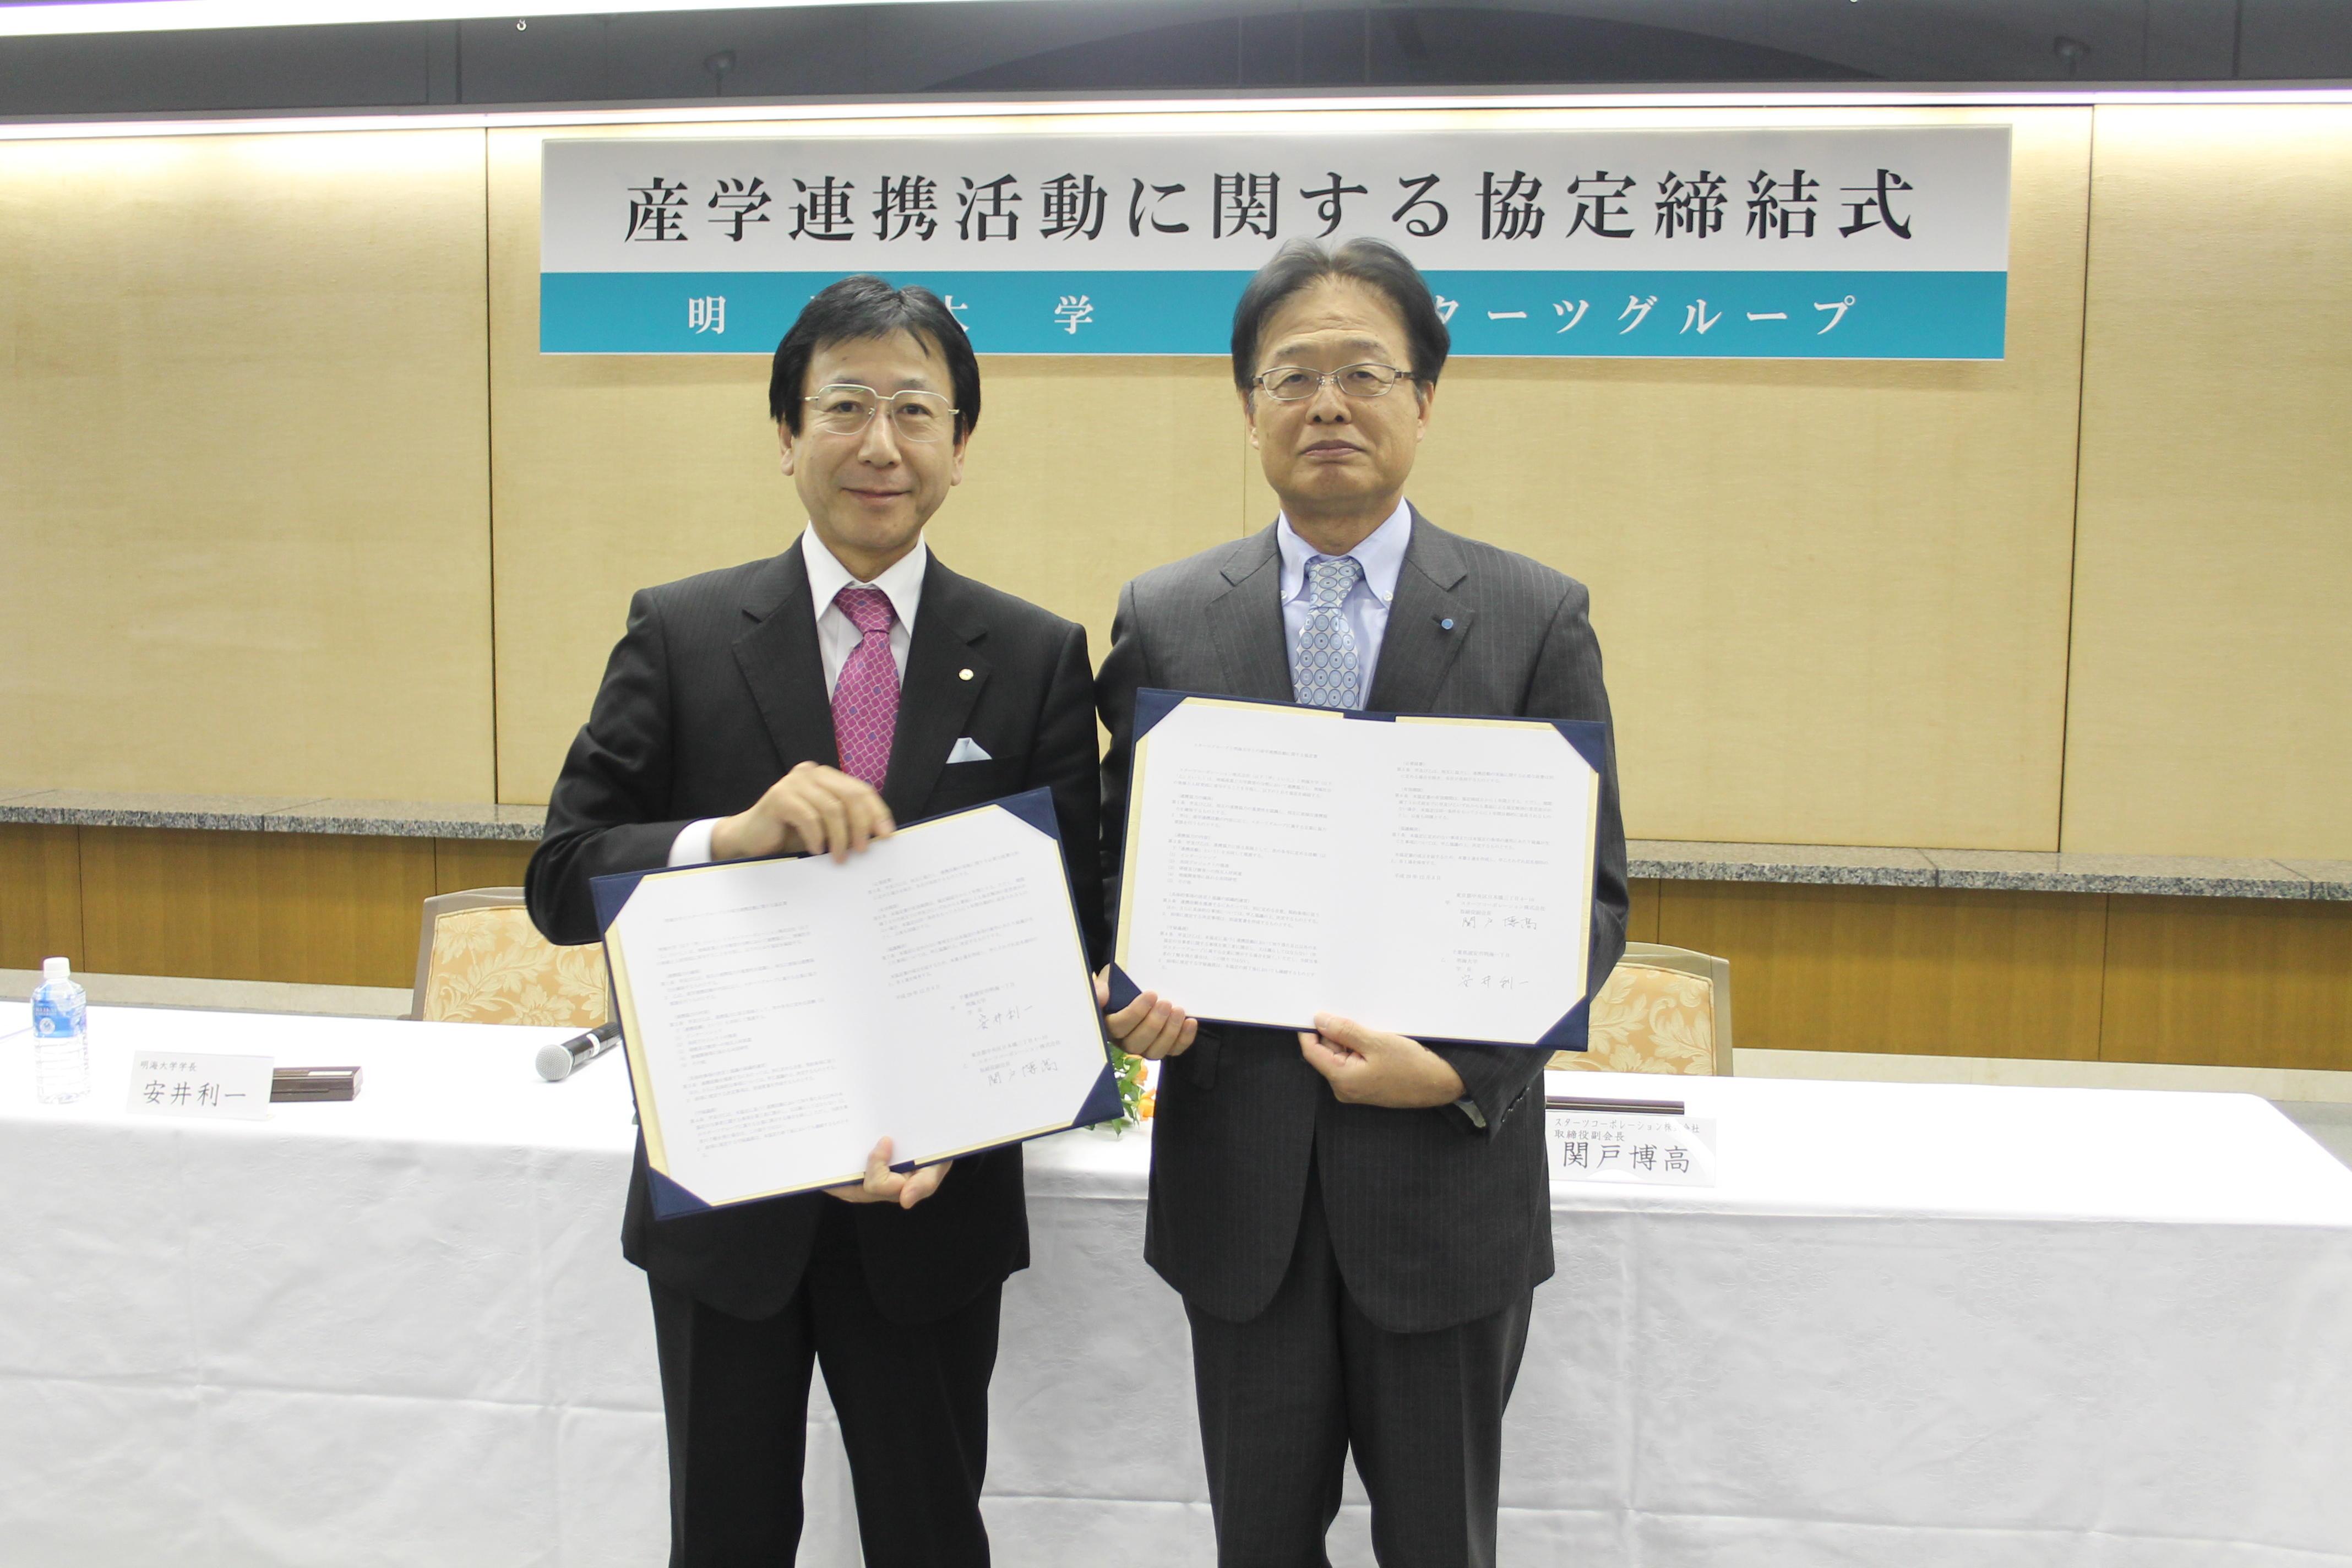 明海大学がスターツグループと「産学連携活動に関する協定」を締結